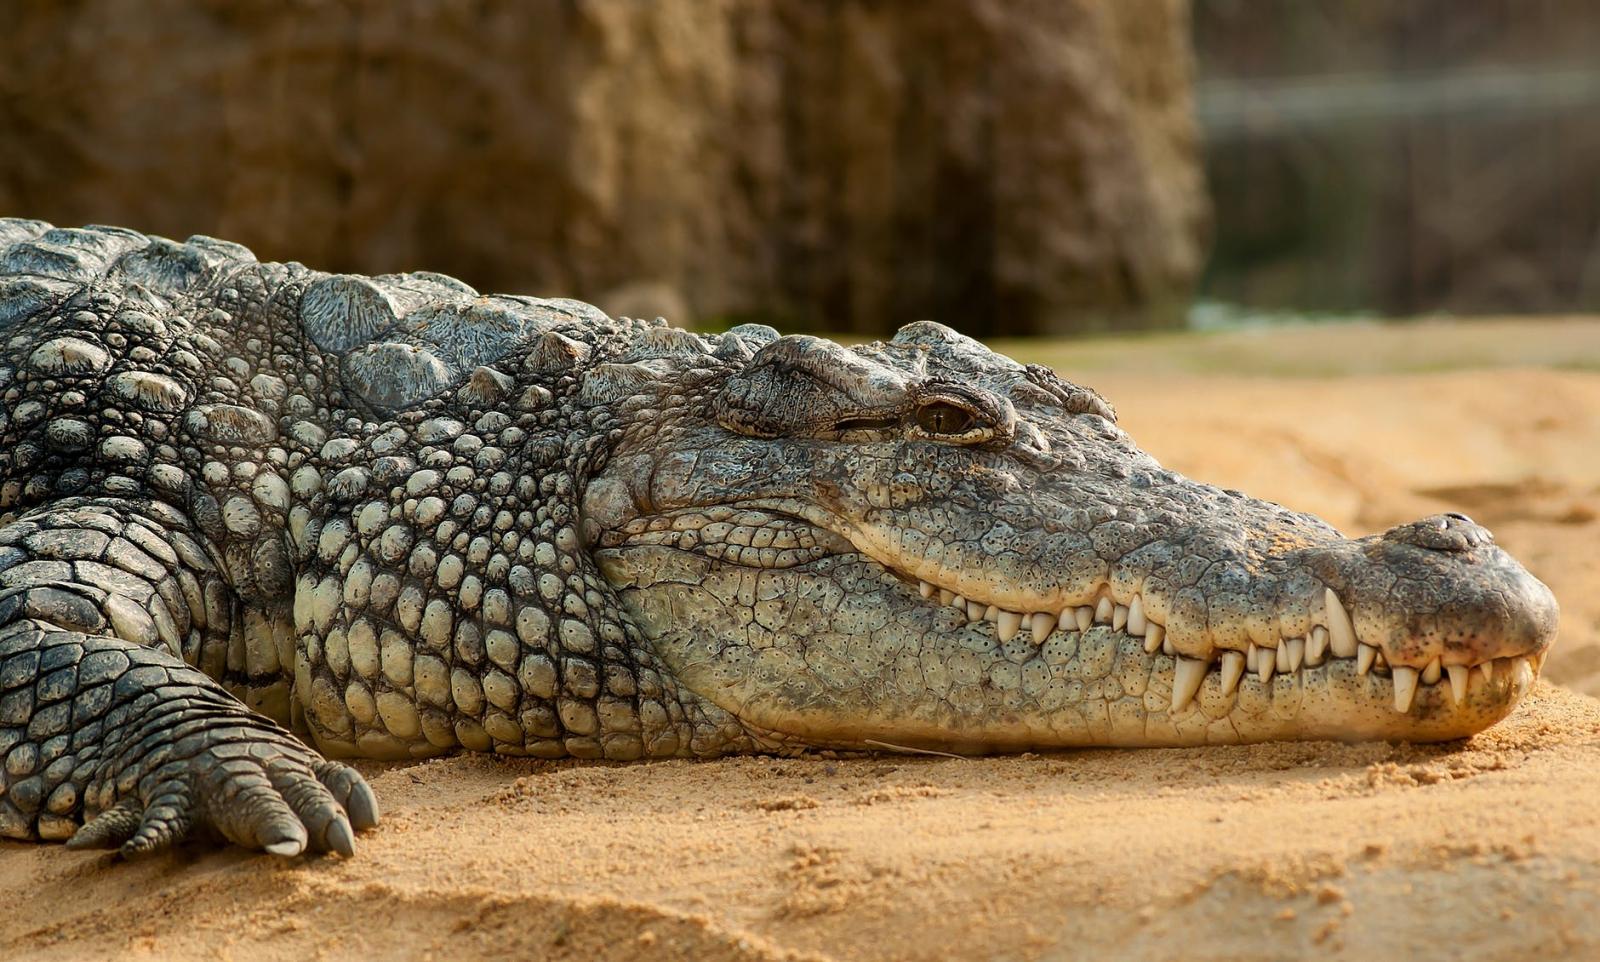 【理財專知】什麼是鱷魚指標?3分鐘學會用它判斷股票趨勢